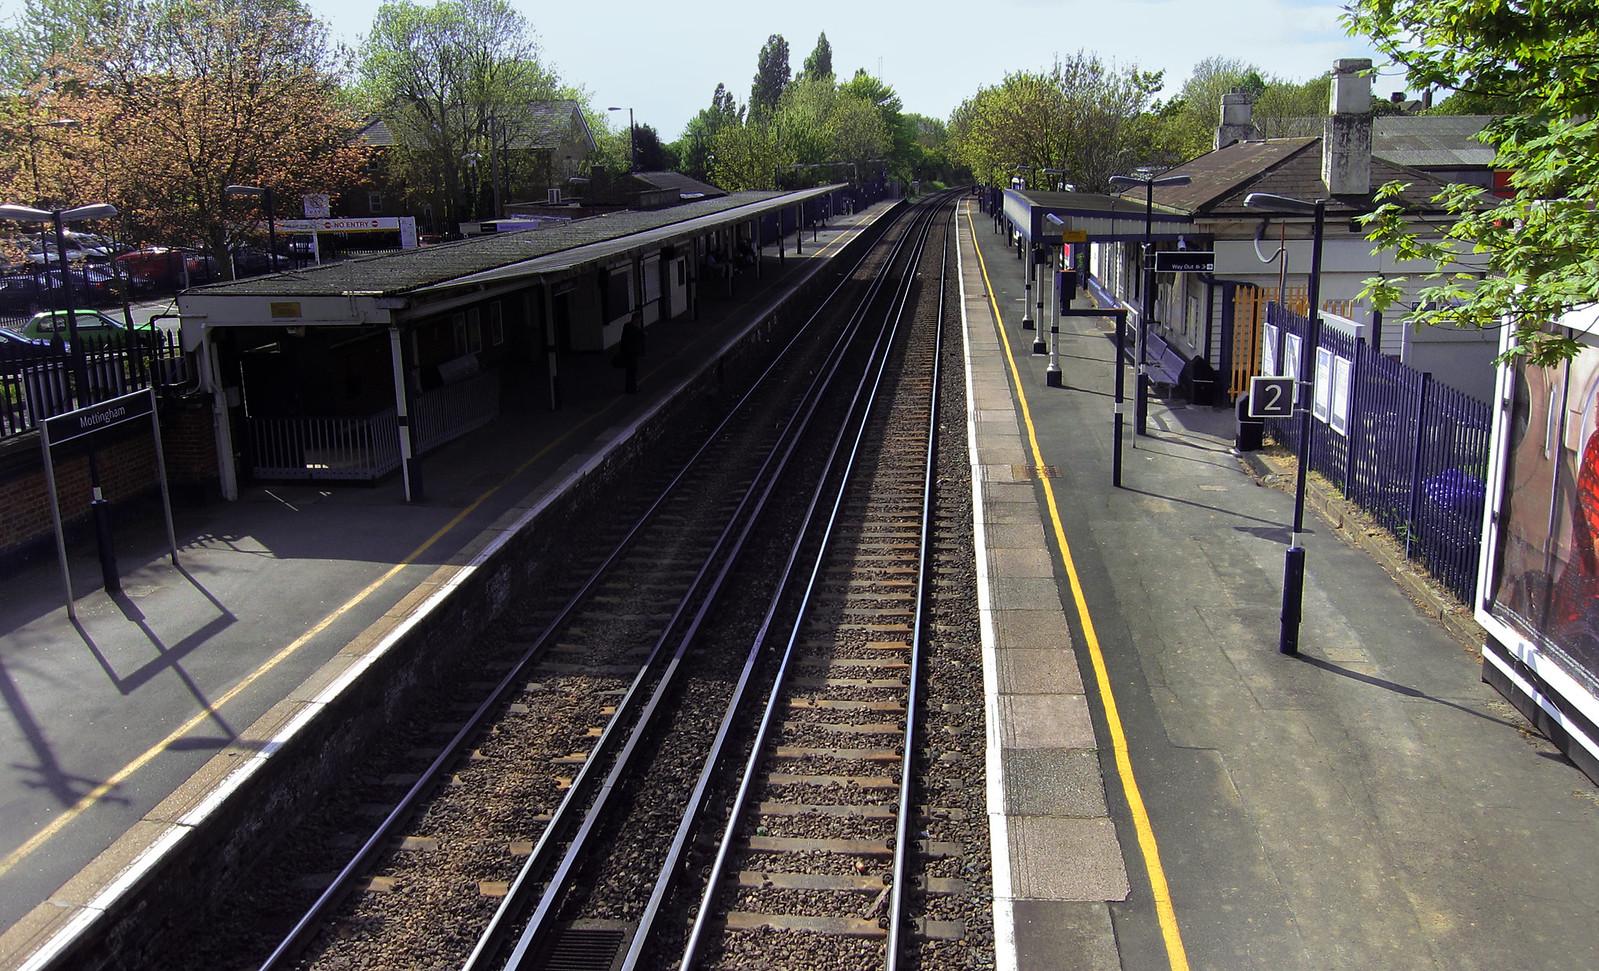 London 433